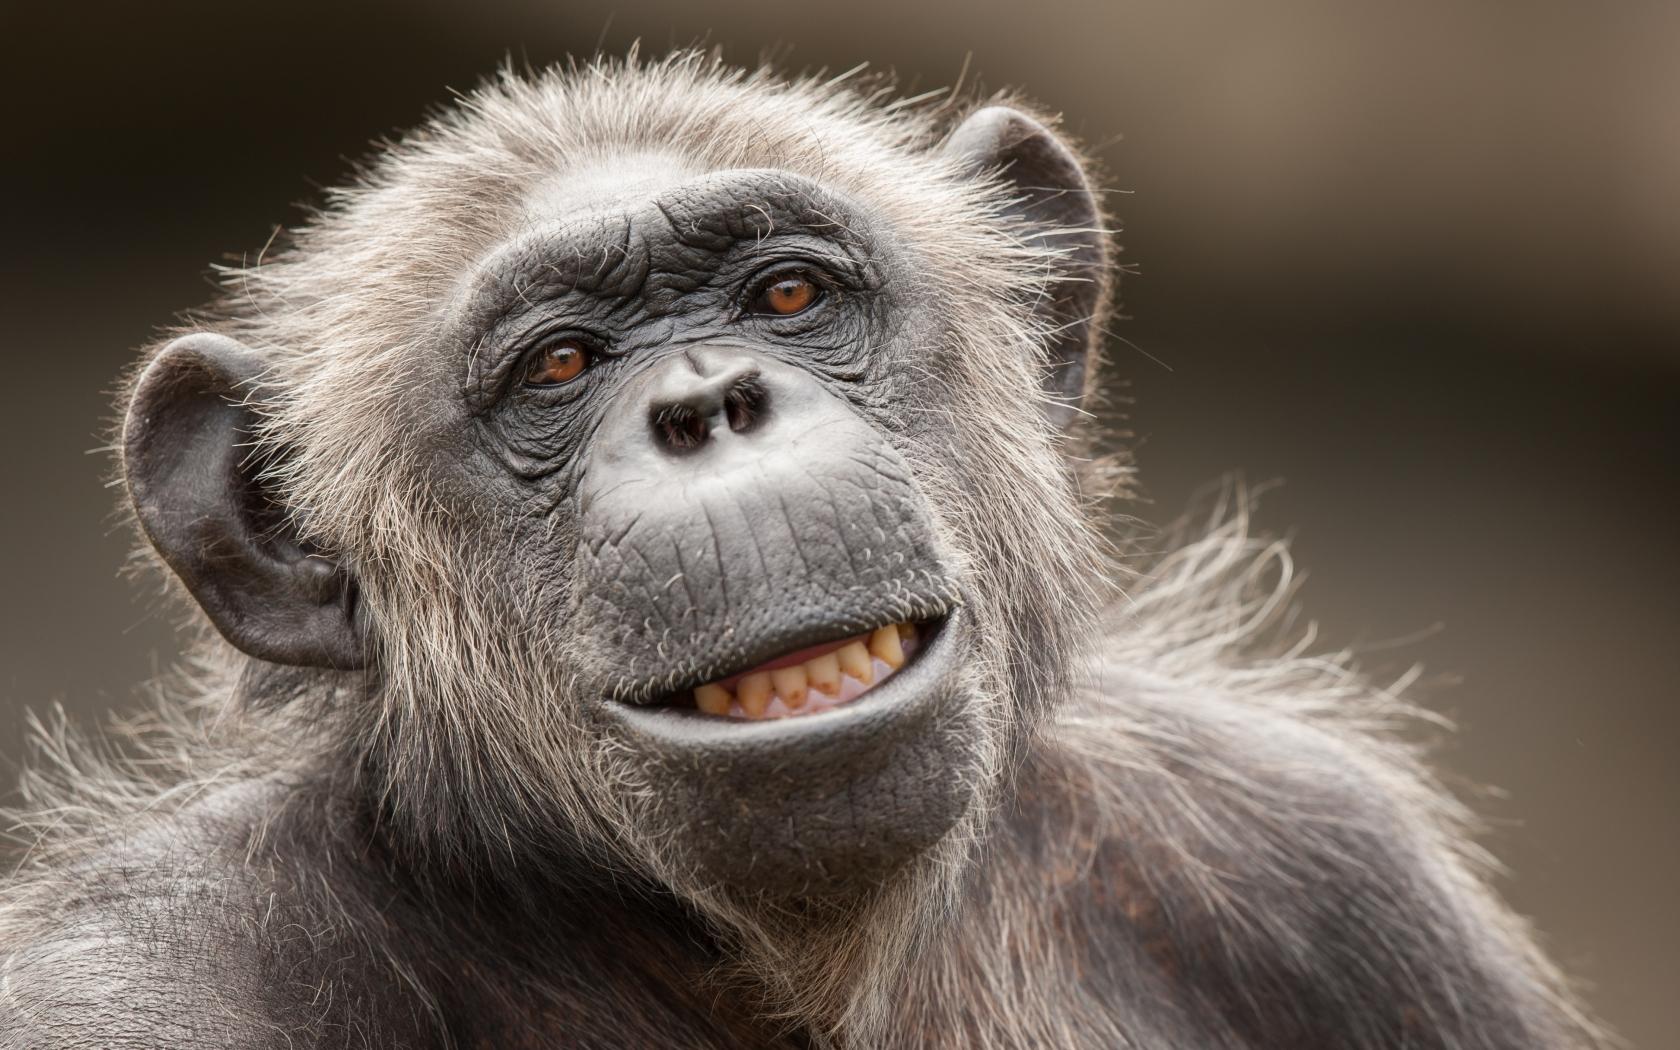 La cara de un chimpancé - 1680x1050